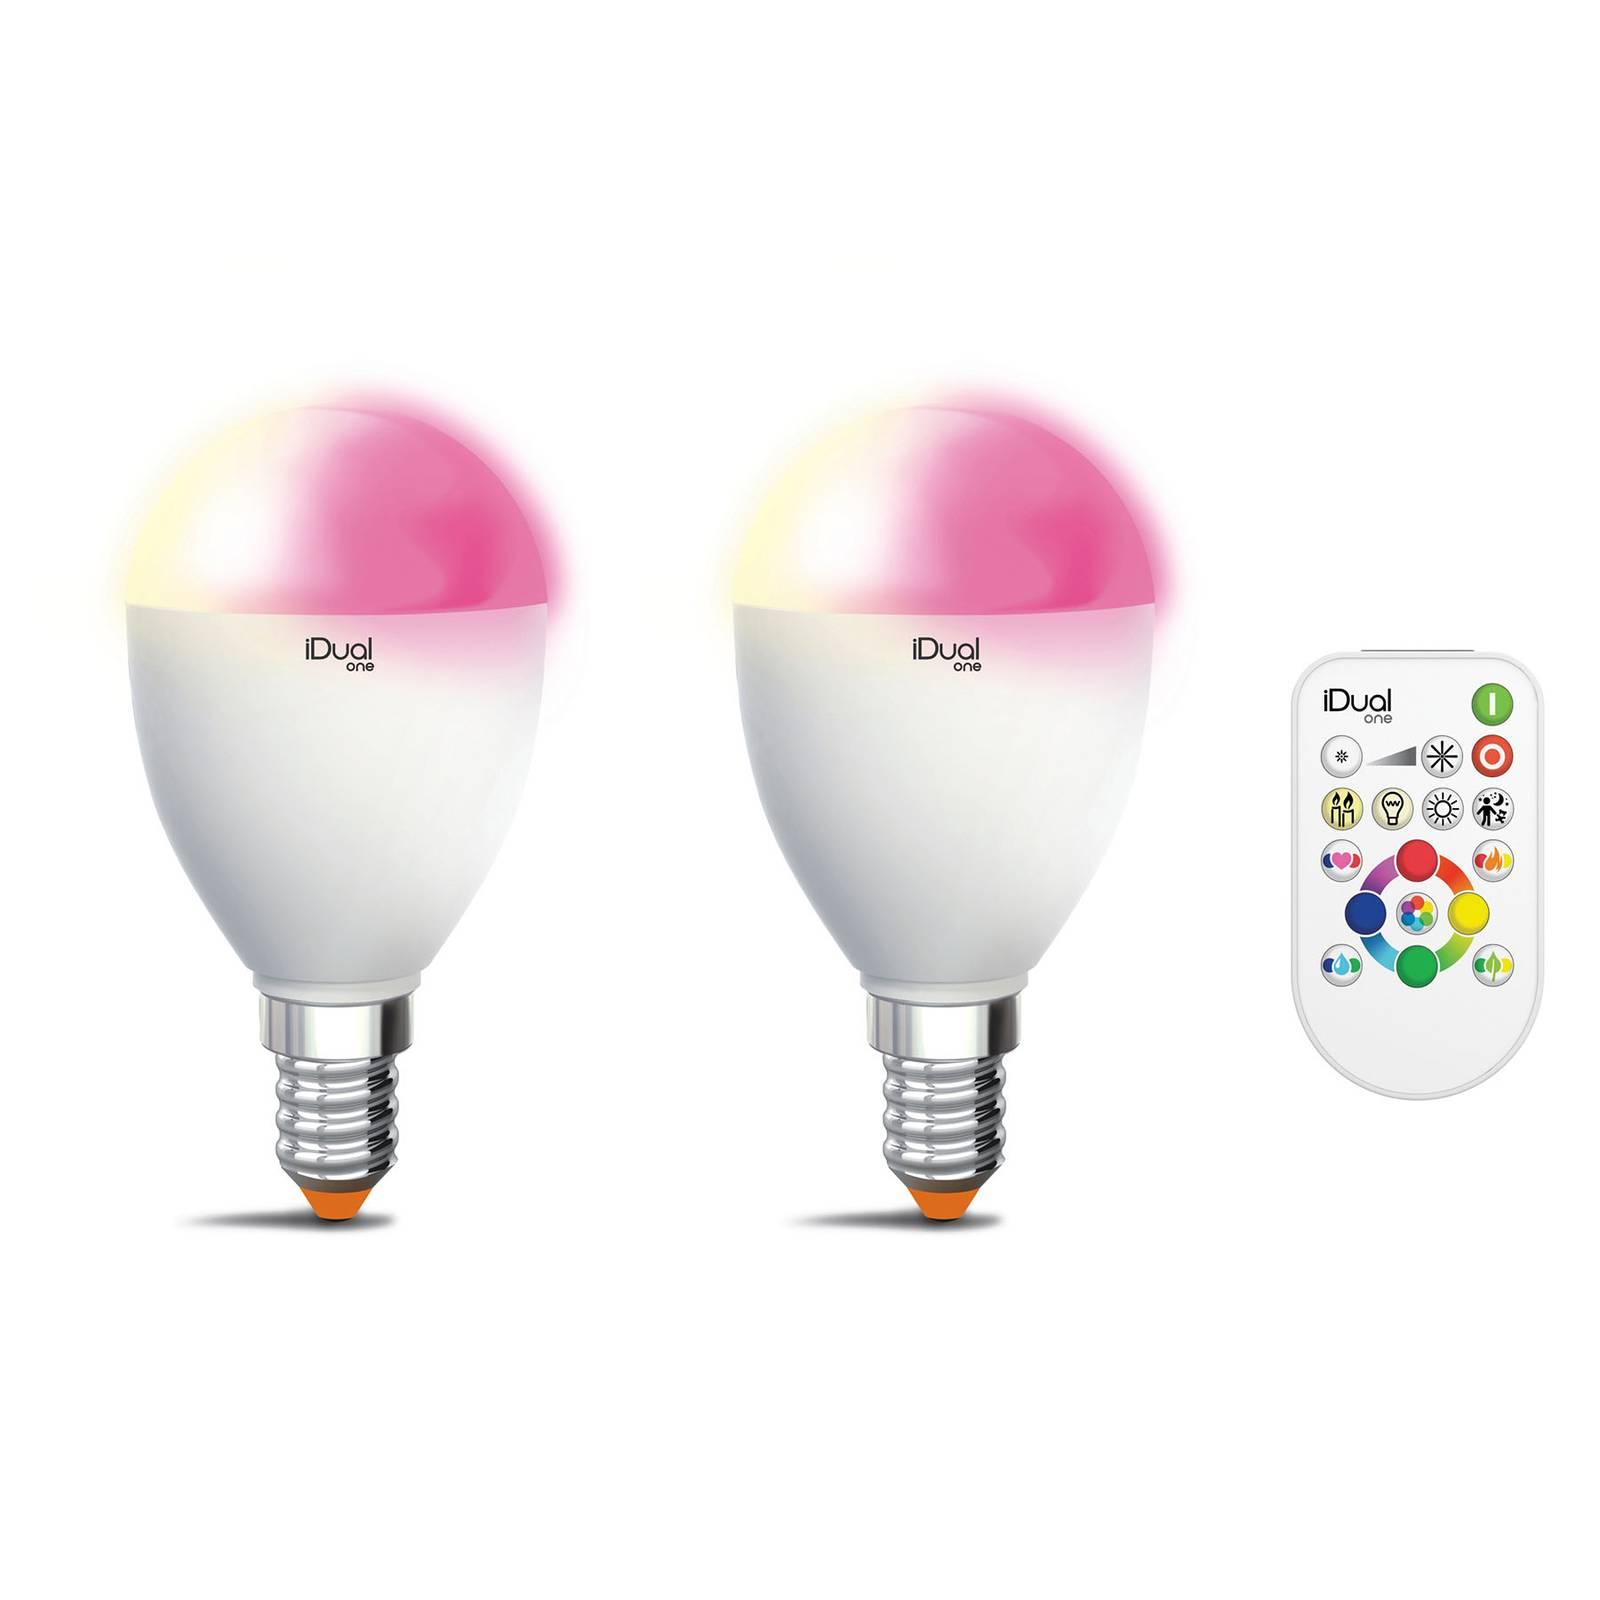 iDual One E14 5,3W RGBW 2 kpl, kaukosäädin